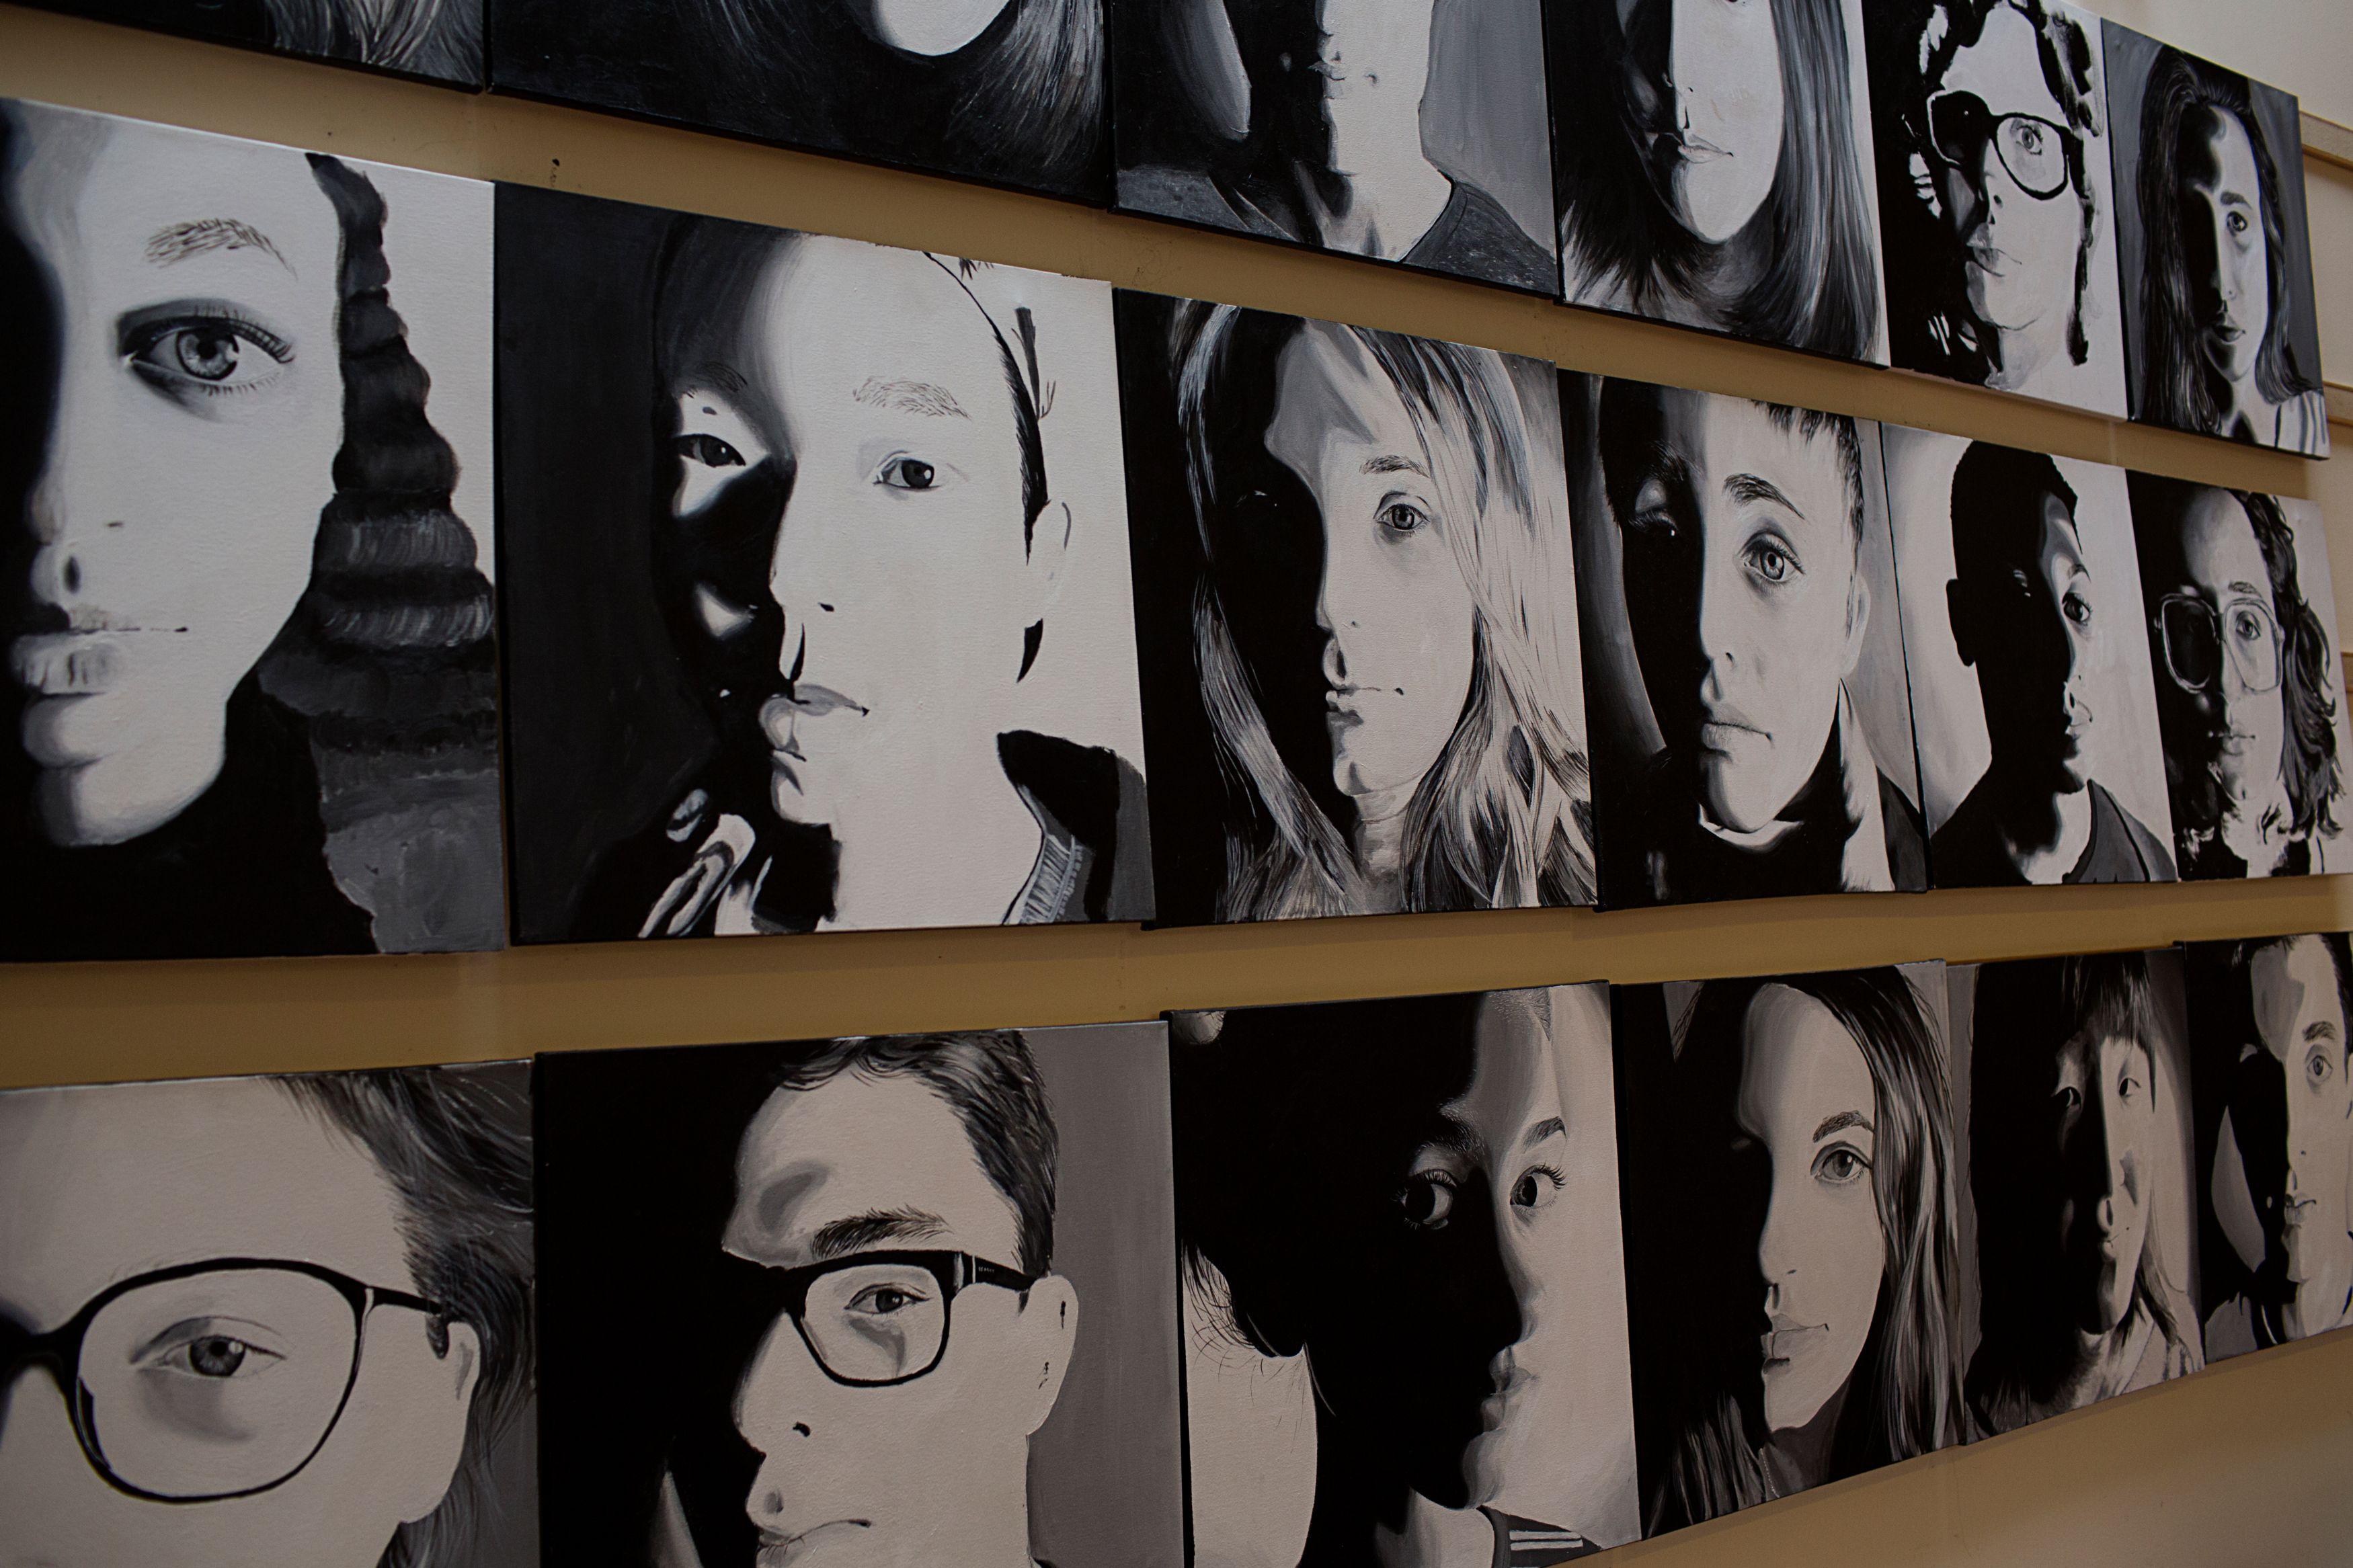 Several black and white portraits